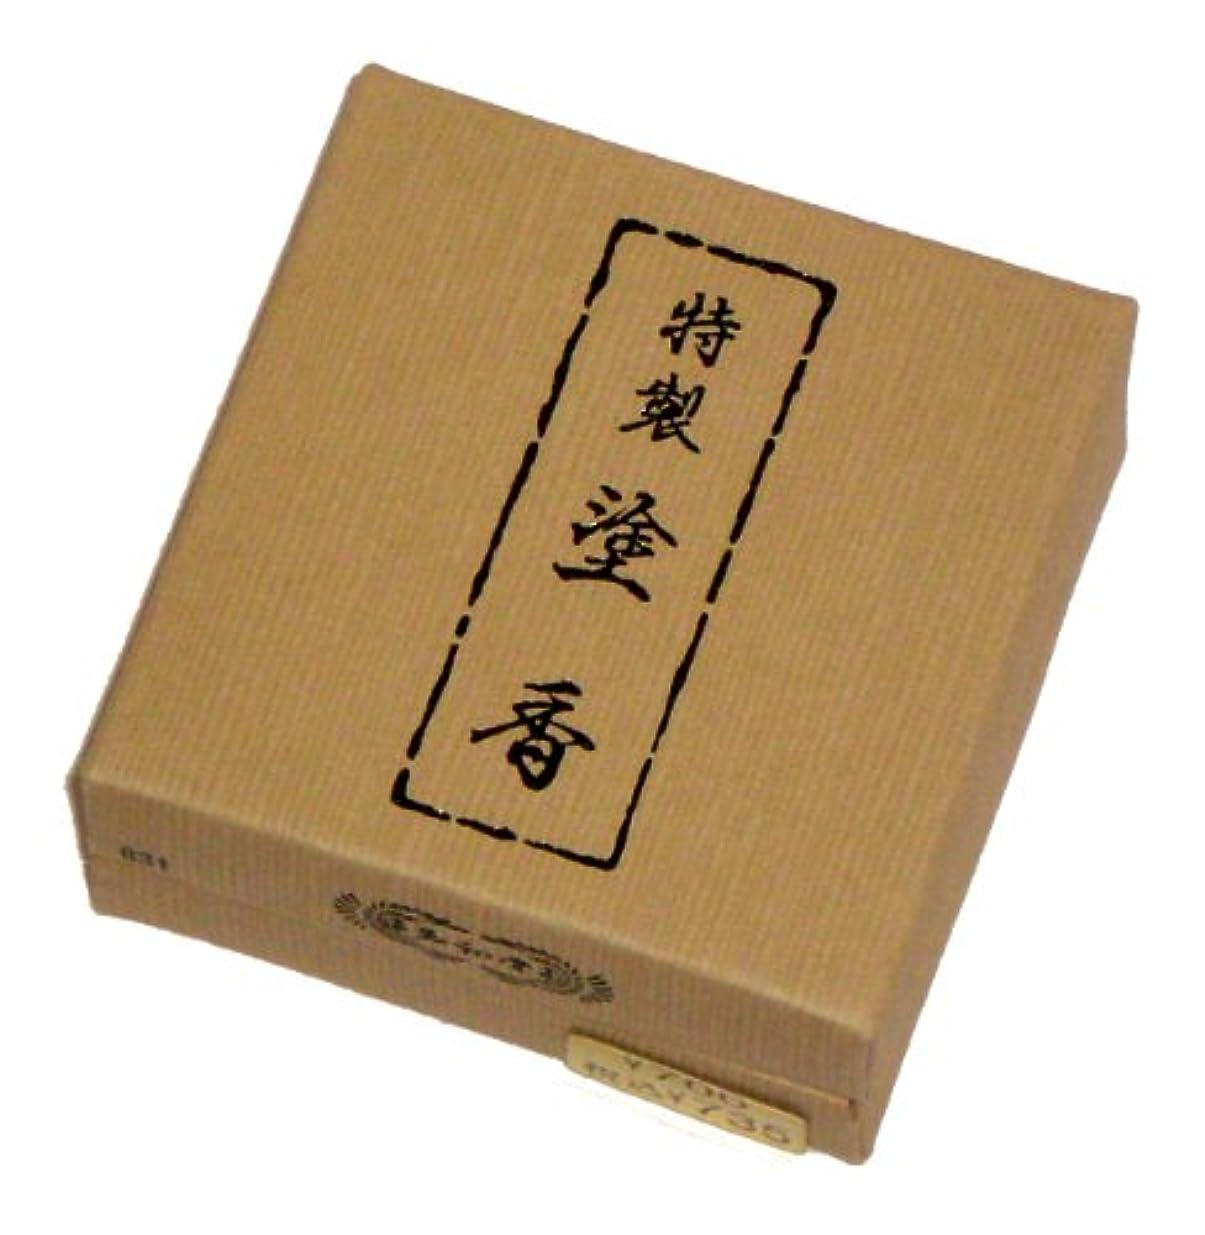 列車乳最大化する玉初堂のお香 特製塗香 15g 紙箱 #831